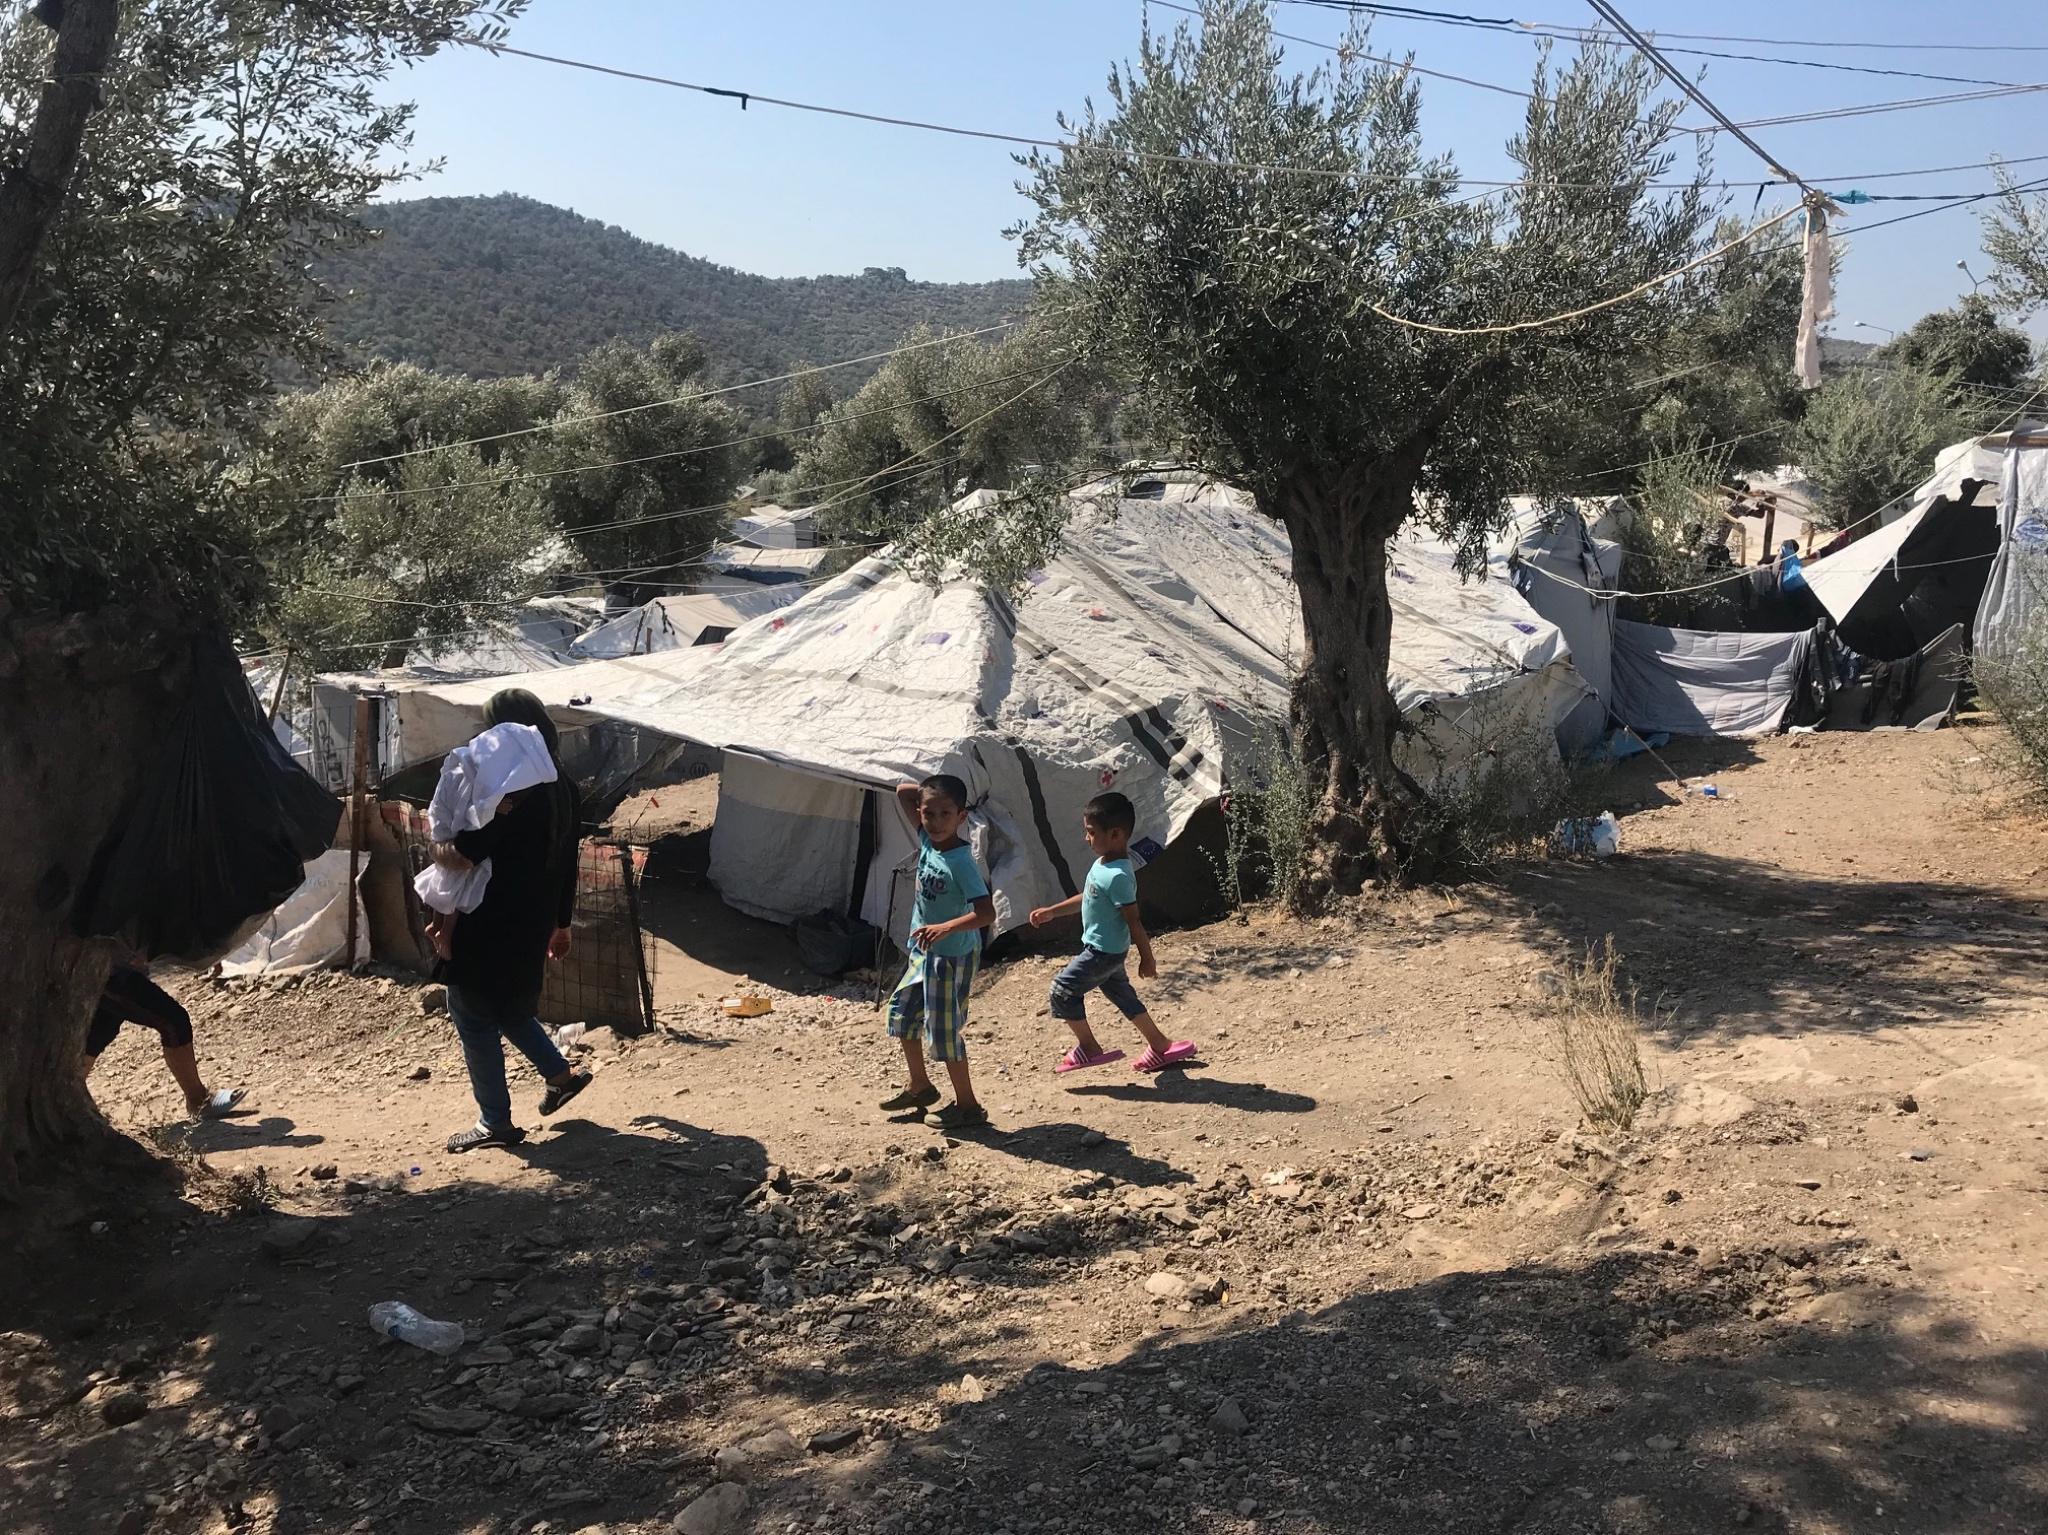 In den Lagern gelten katastrophale Bedingungen. Foto: Täglich wurde zum Essen eingeladen. Foto: Massimo Moretti/ Angelika Wagner